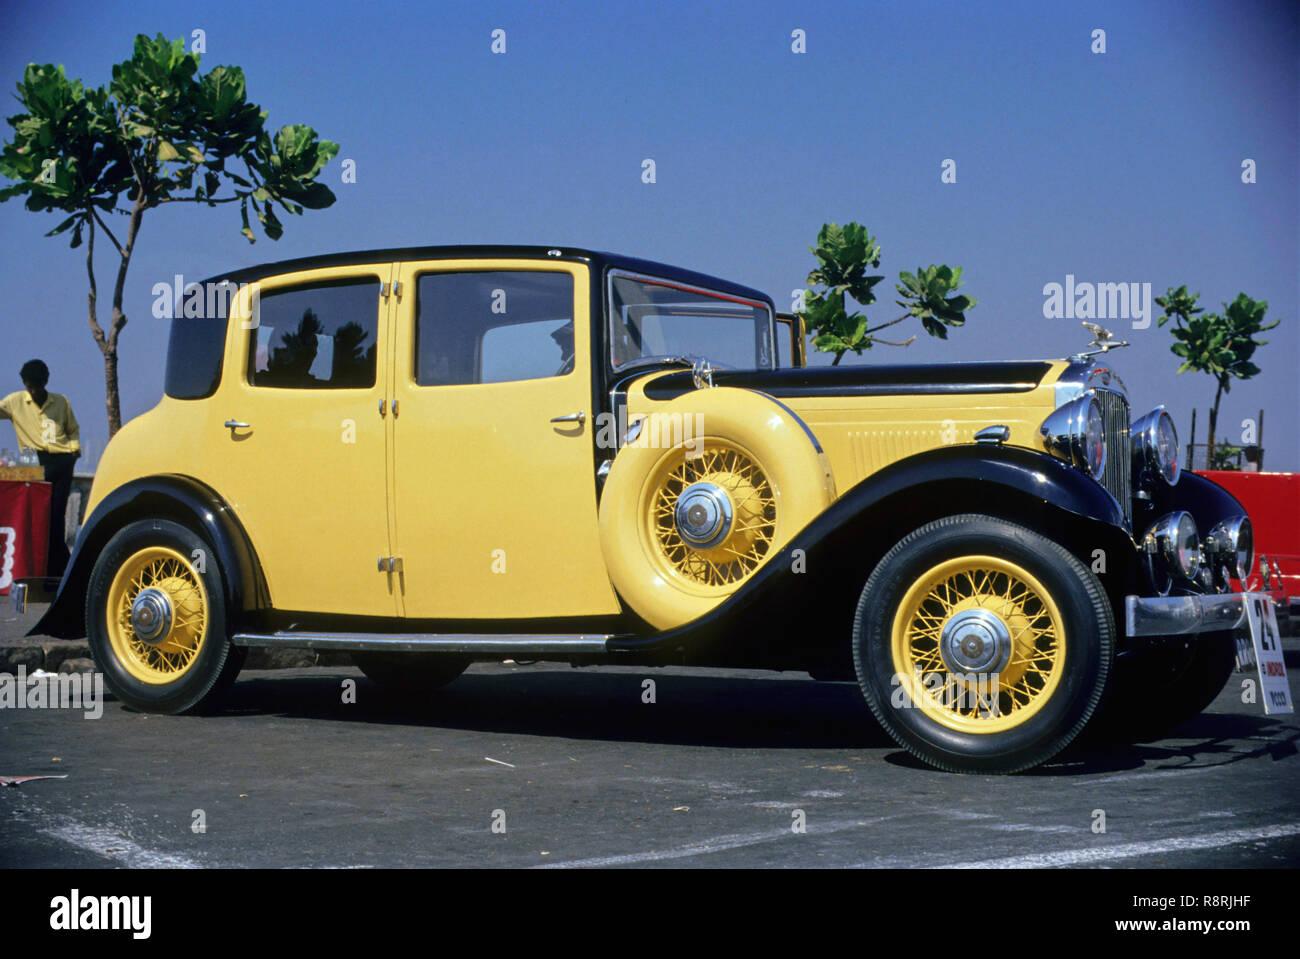 Veicoli automobili, Indrol auto d'epoca, Fiesta, Humber 1932, Auto sportiva Immagini Stock